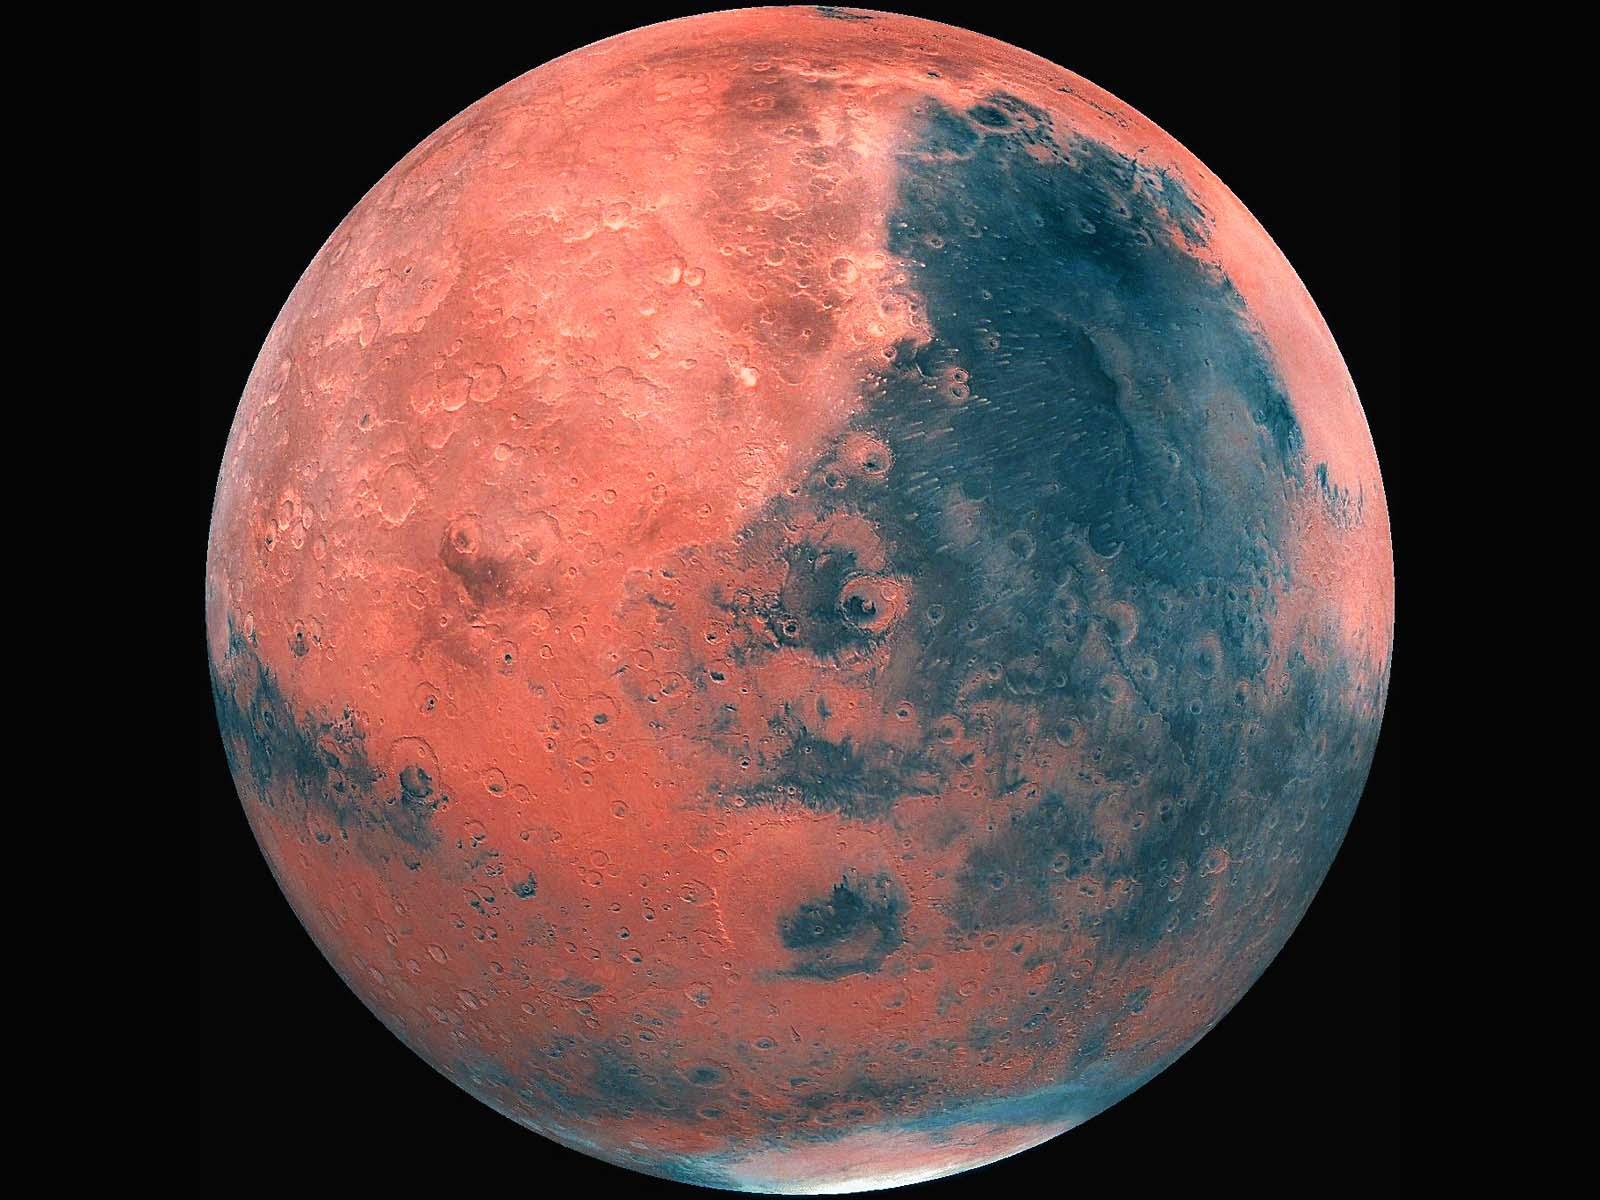 мужская картинки марса планеты из космоса филаретовской